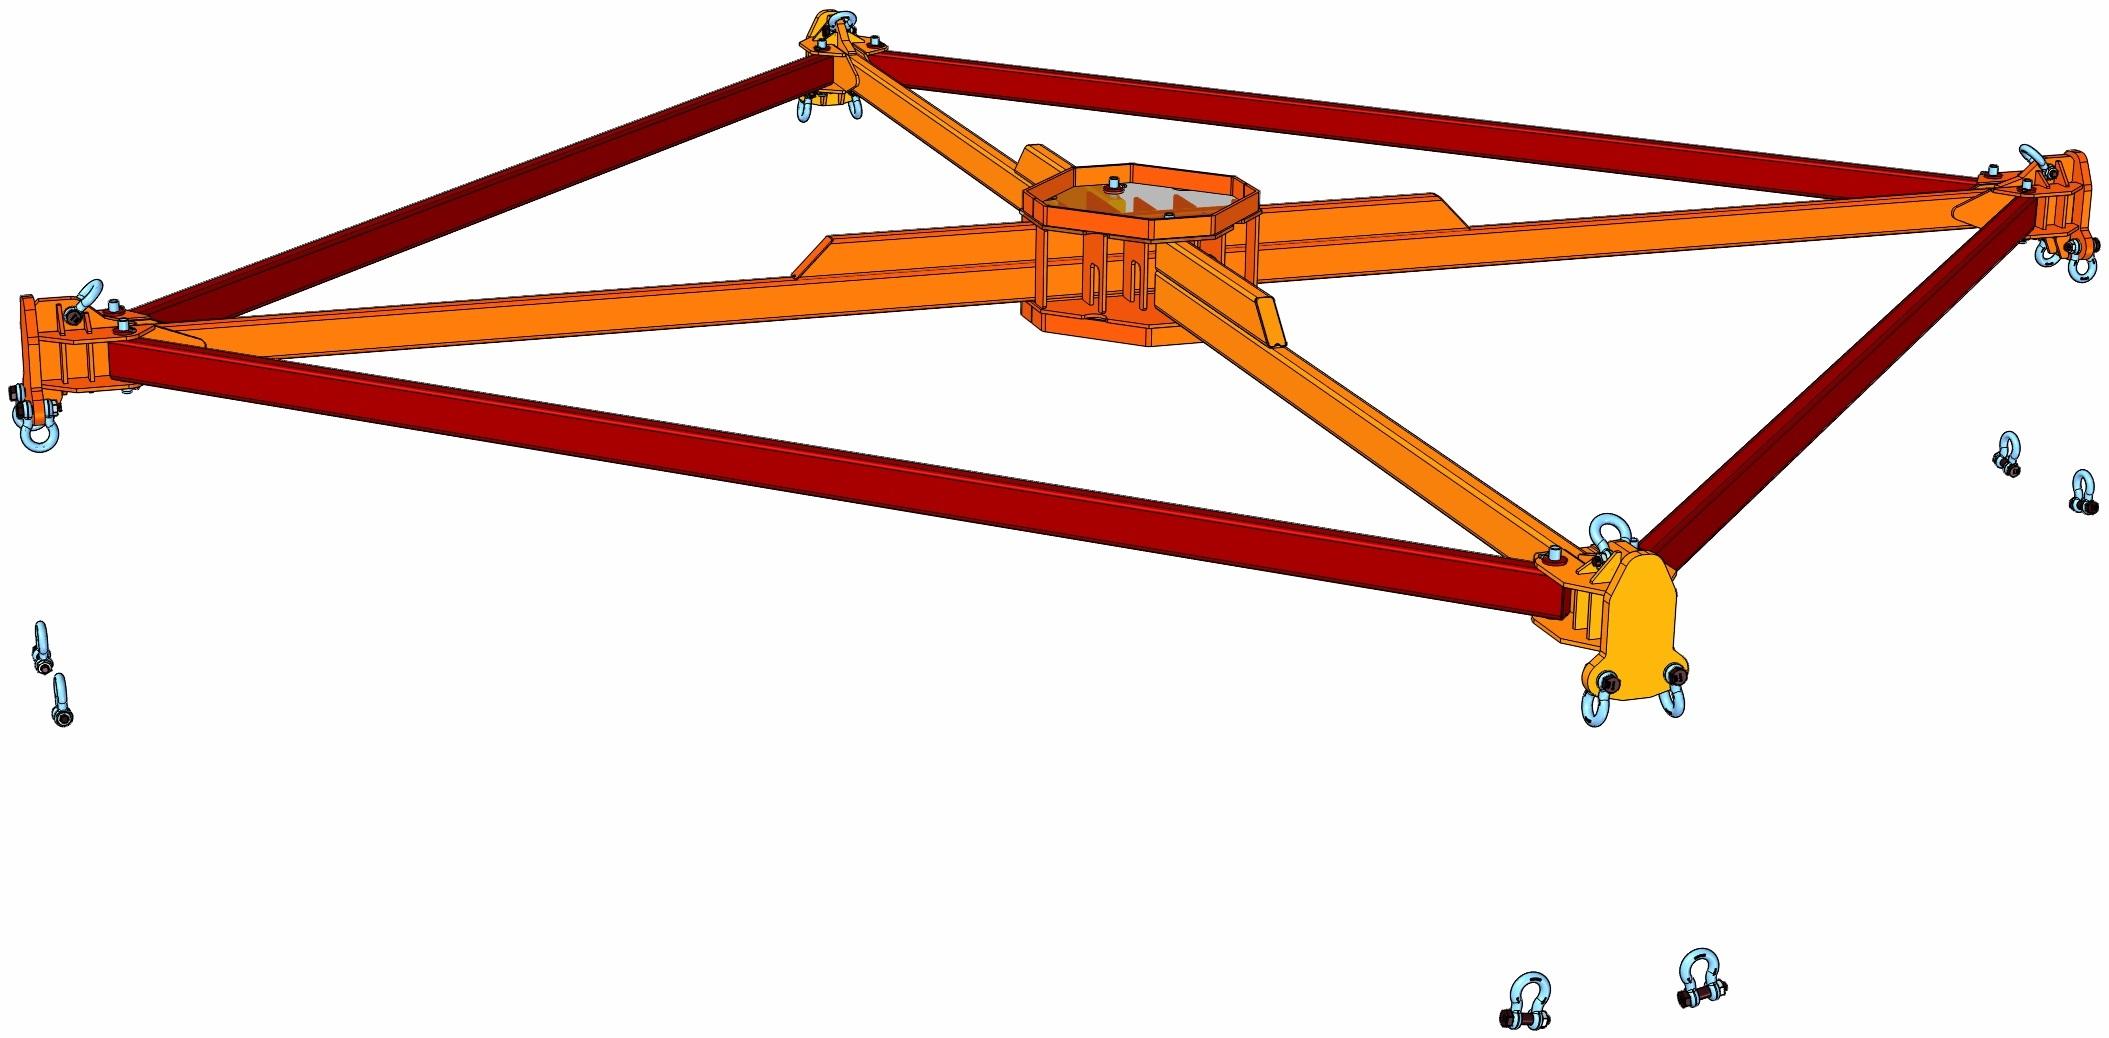 Bridle For 12 M Diameter Concrete Forms